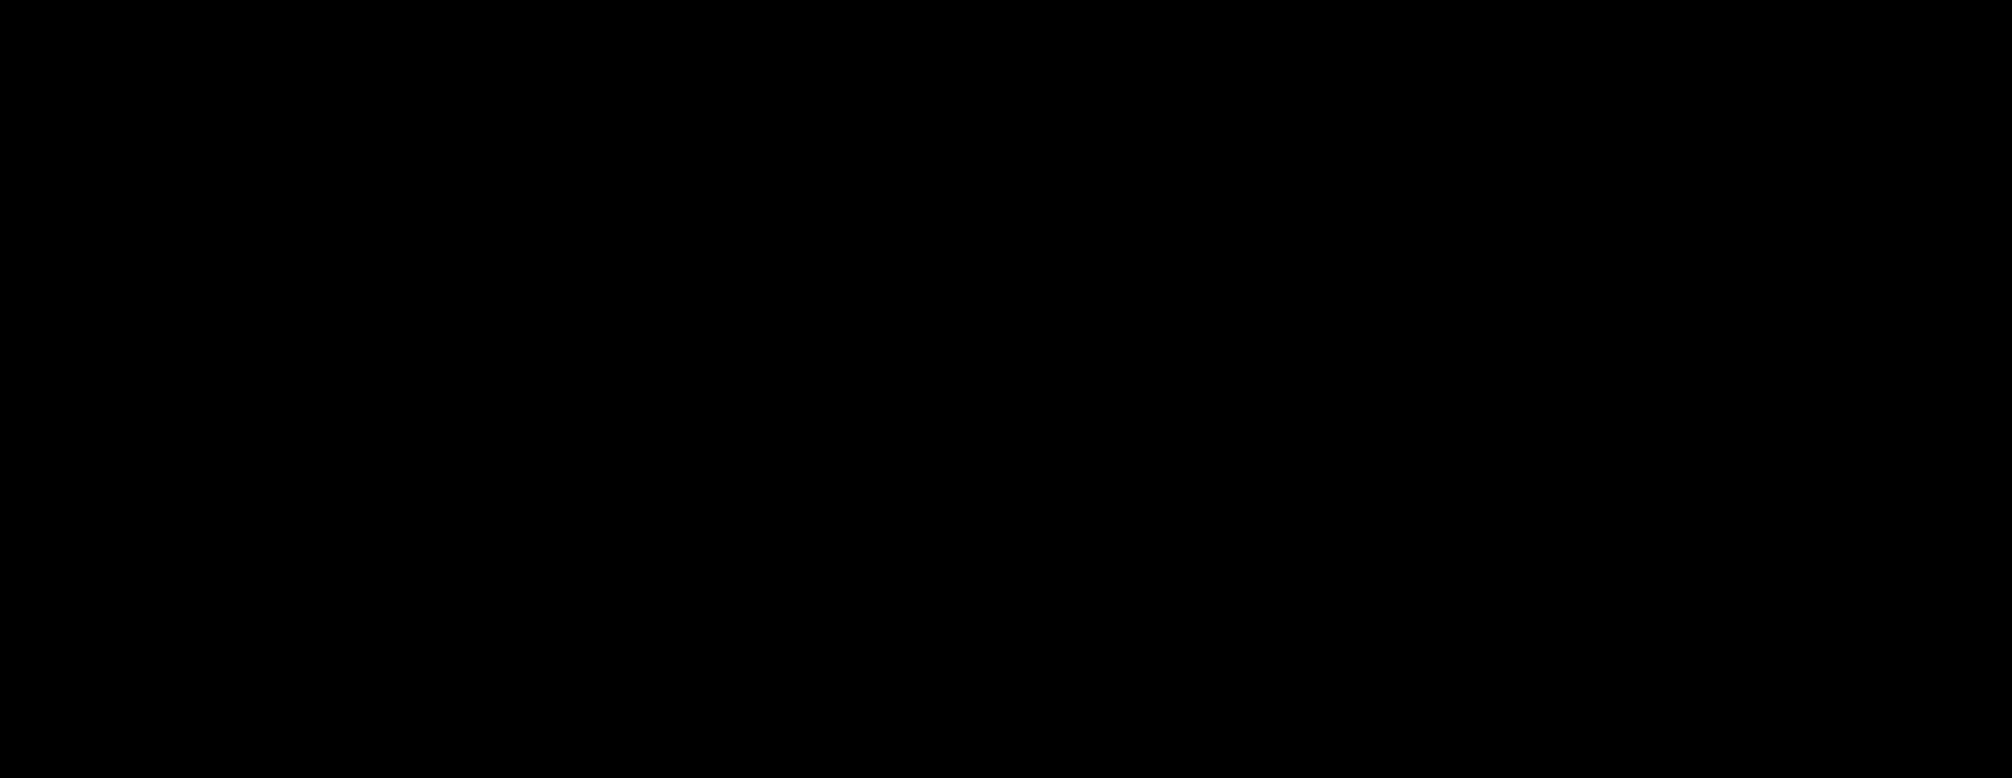 N-Desethyl Sunitinib-d<sub>5</sub>